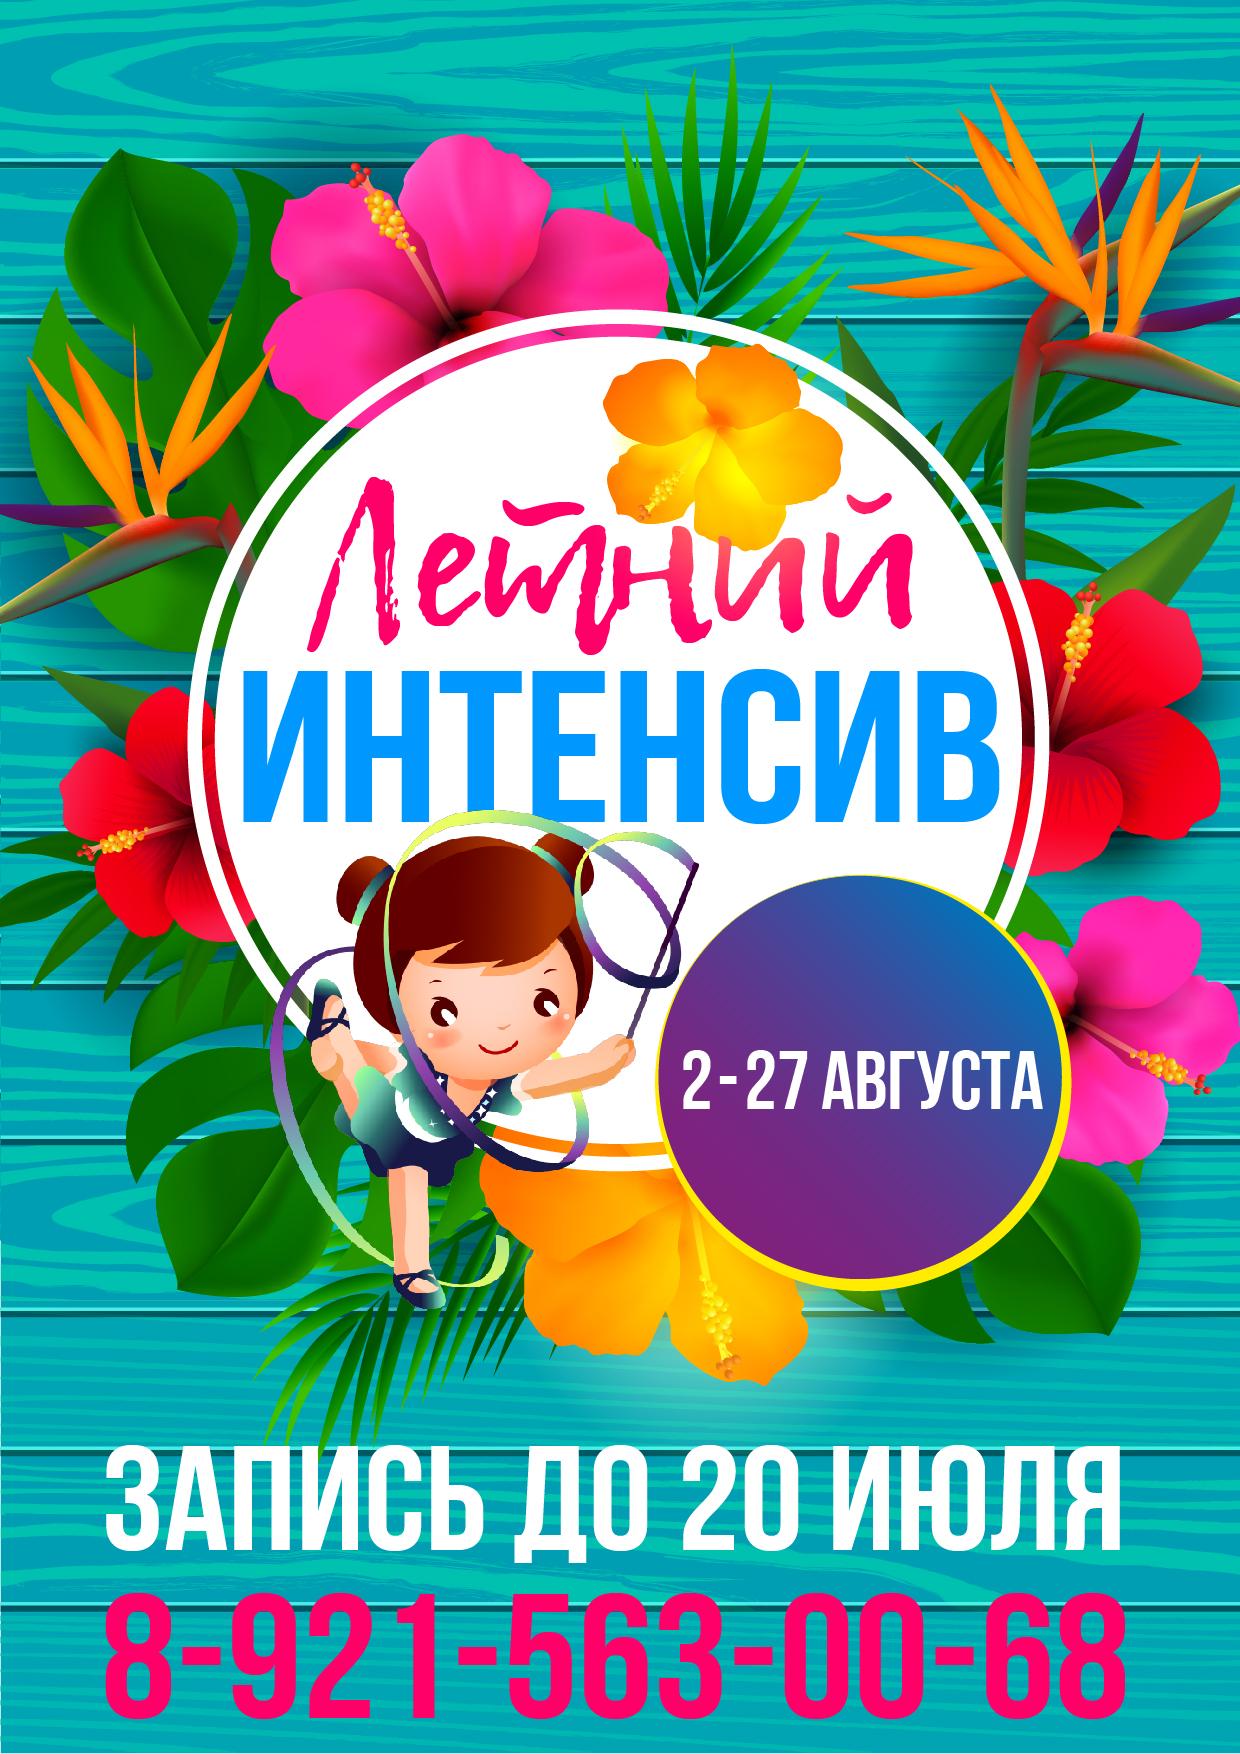 ЛЕТНИЙ ИНТЕНСИВ по художественной гимнастике со 2 по 27 августа